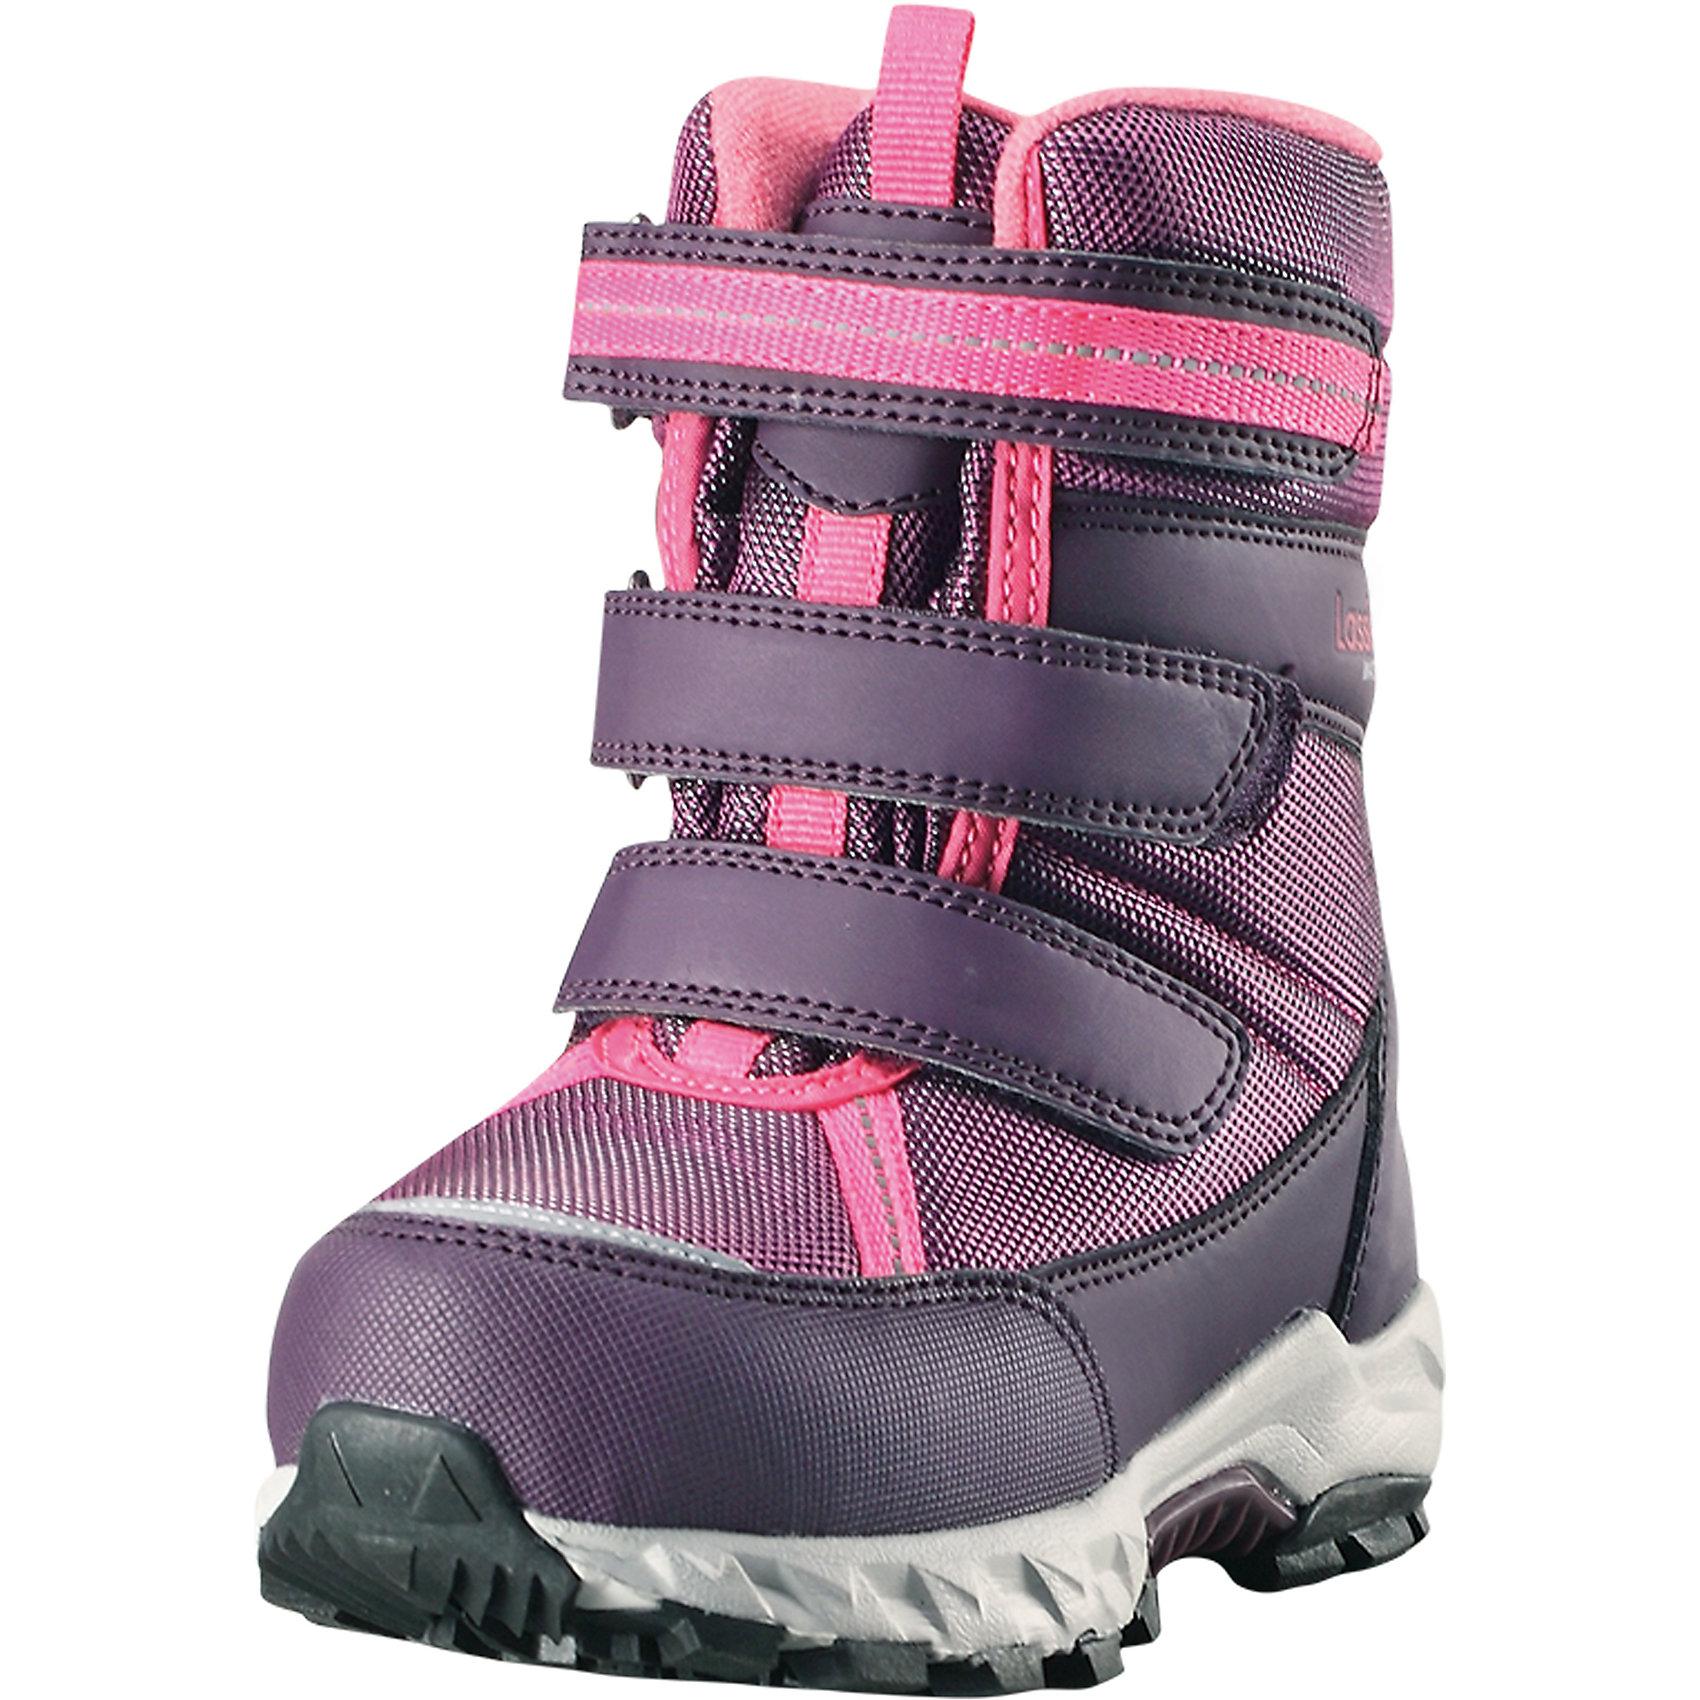 Сапоги Boulder Lassietec LassieОбувь<br>Характеристики товара:<br><br>• цвет: розовый;<br>• внешний материал: полиэстер, полиуретан, текстиль;<br>• внутренний материал: искусственный мех;<br>• стелька: искусственный мех;<br>• подошва: термопластиная резина;<br>• сезон: зима;<br>• температурный режим: от 0 до -30С;<br>• застежка: три ремешка на липучках;<br>• водонепроницаемая зимняя обувь; <br>• гибкая легкая подошва из филона/резины;<br>• подкладка из искусственного меха;<br>• съемные стельки; <br>• светоотражающие детали;<br>• страна бренда: Финляндия;<br>• страна изготовитель: Китай;<br><br>Пара отличных зимних ботинок – вот без чего просто не обойтись в холодное время года! Эти стильные водонепроницаемые детские зимние ботинки изготовлены из текстиля и синтетического материала, прочного и простого в уходе. Благодаря мягкой подкладке из искусственного меха во время прогулок на свежем воздухе ножкам будет тепло и сухо. Регулируемая застежка на липучке облегчает обувание и обеспечивает хорошую фиксацию на ноге. Светоотражающие детали.<br><br>Сапоги Boulder Lassietec Lassie (Ласси) можно купить в нашем интернет-магазине.<br><br>Ширина мм: 257<br>Глубина мм: 180<br>Высота мм: 130<br>Вес г: 420<br>Цвет: розовый<br>Возраст от месяцев: 12<br>Возраст до месяцев: 18<br>Пол: Женский<br>Возраст: Детский<br>Размер: 22,35,34,33,32,31,30,29,28,27,26,25,24,23<br>SKU: 6901015